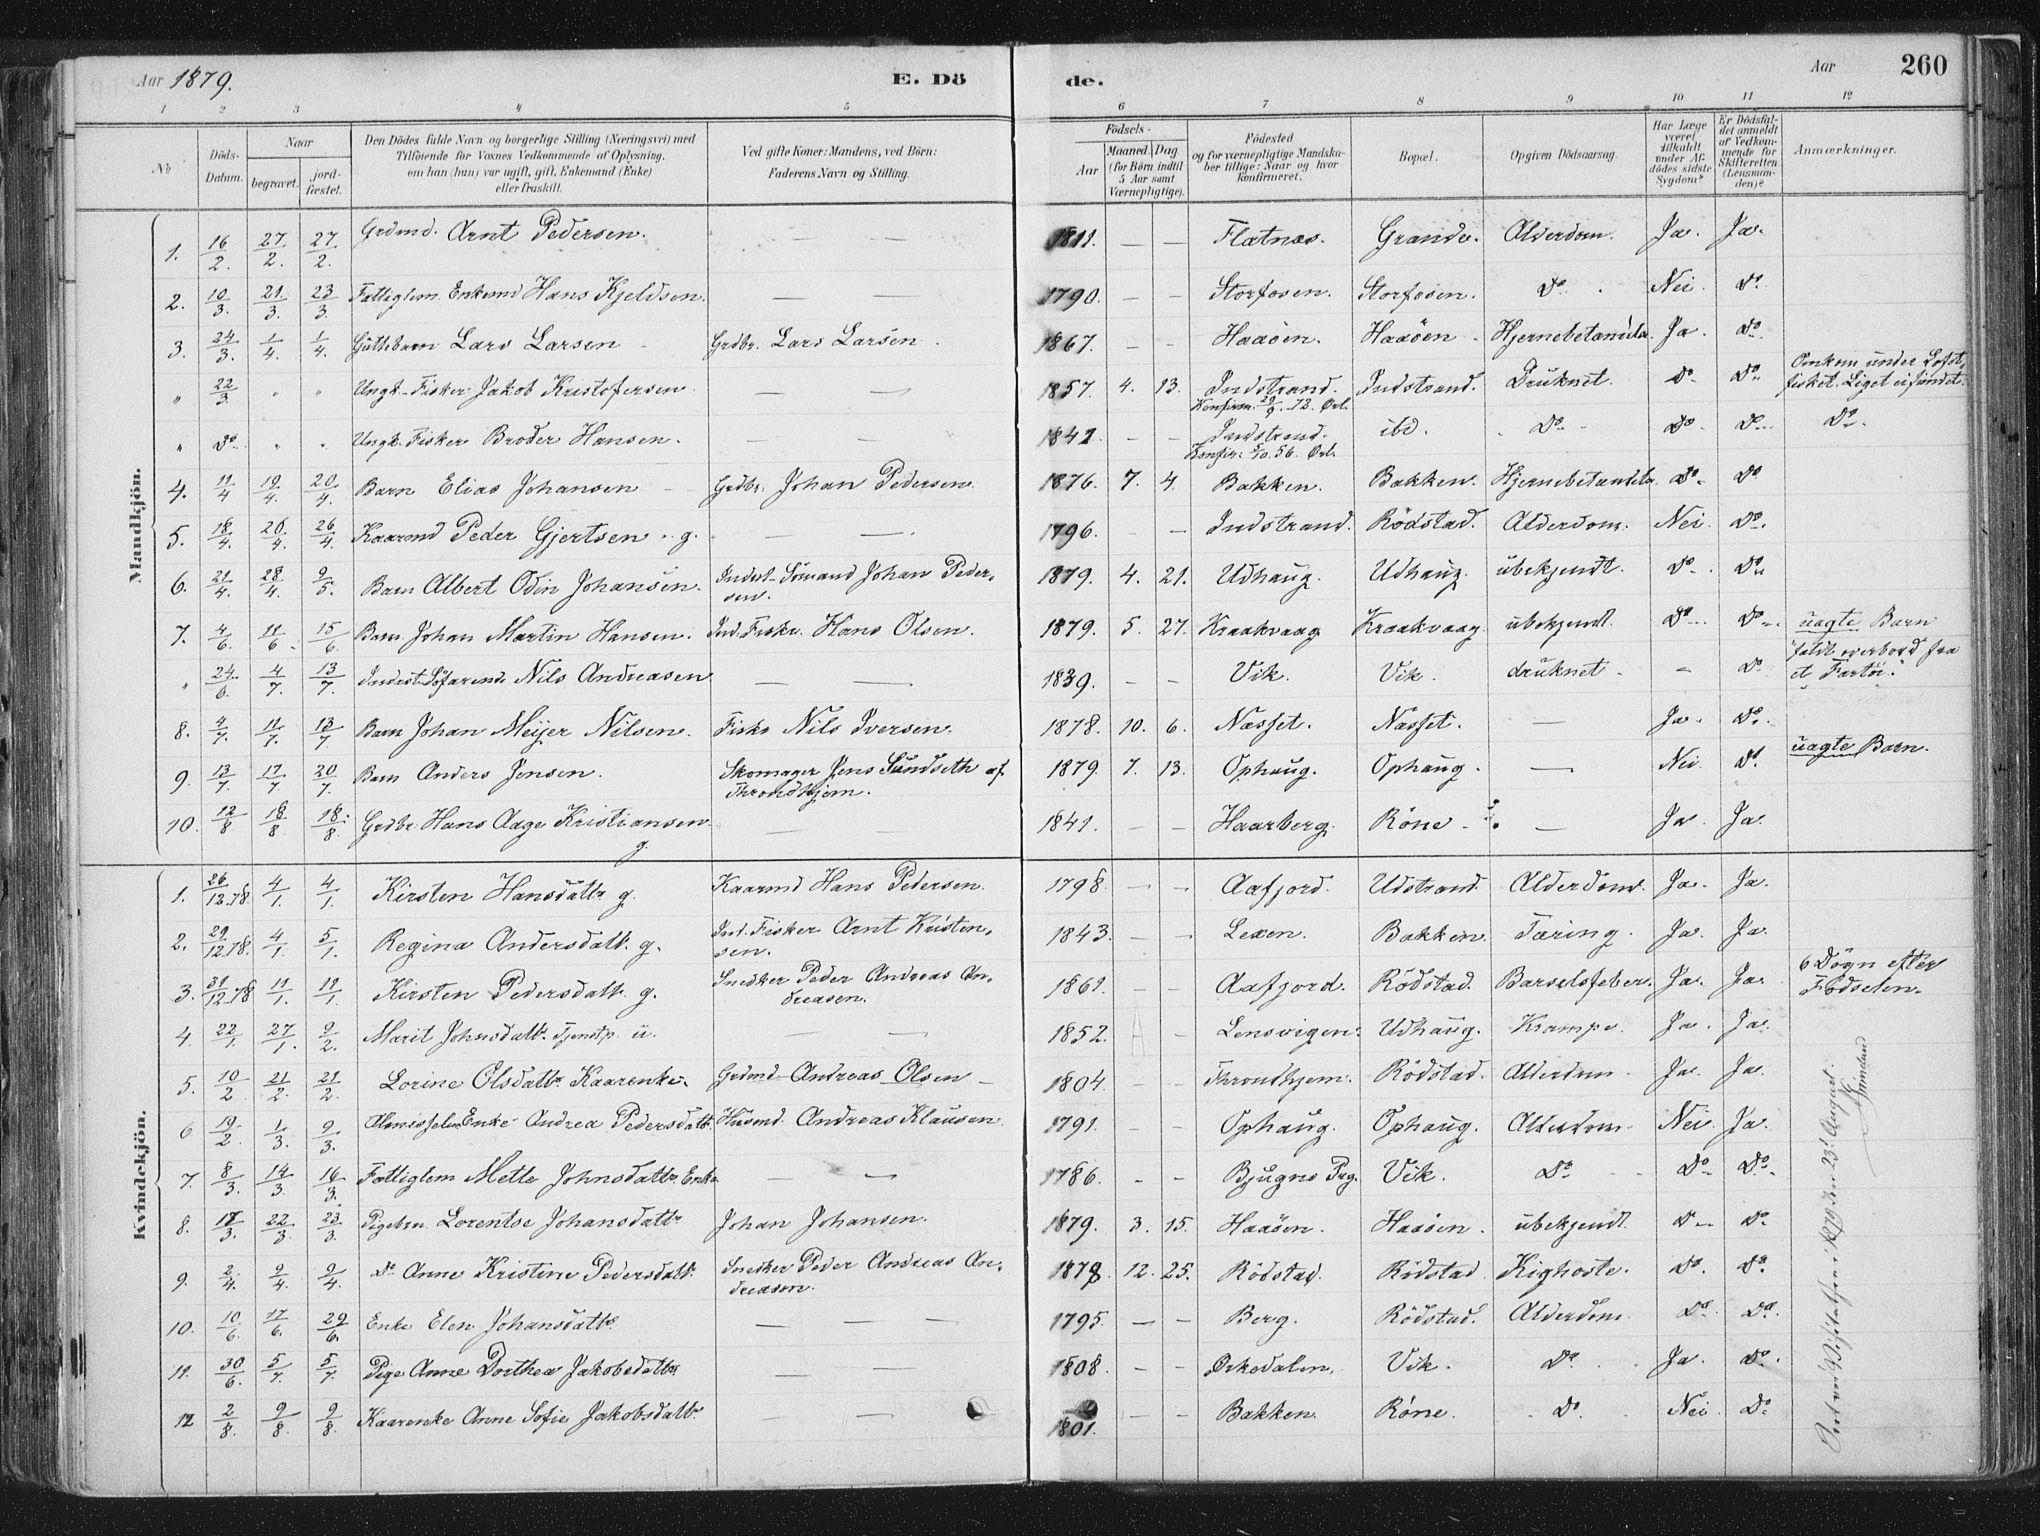 SAT, Ministerialprotokoller, klokkerbøker og fødselsregistre - Sør-Trøndelag, 659/L0739: Ministerialbok nr. 659A09, 1879-1893, s. 260